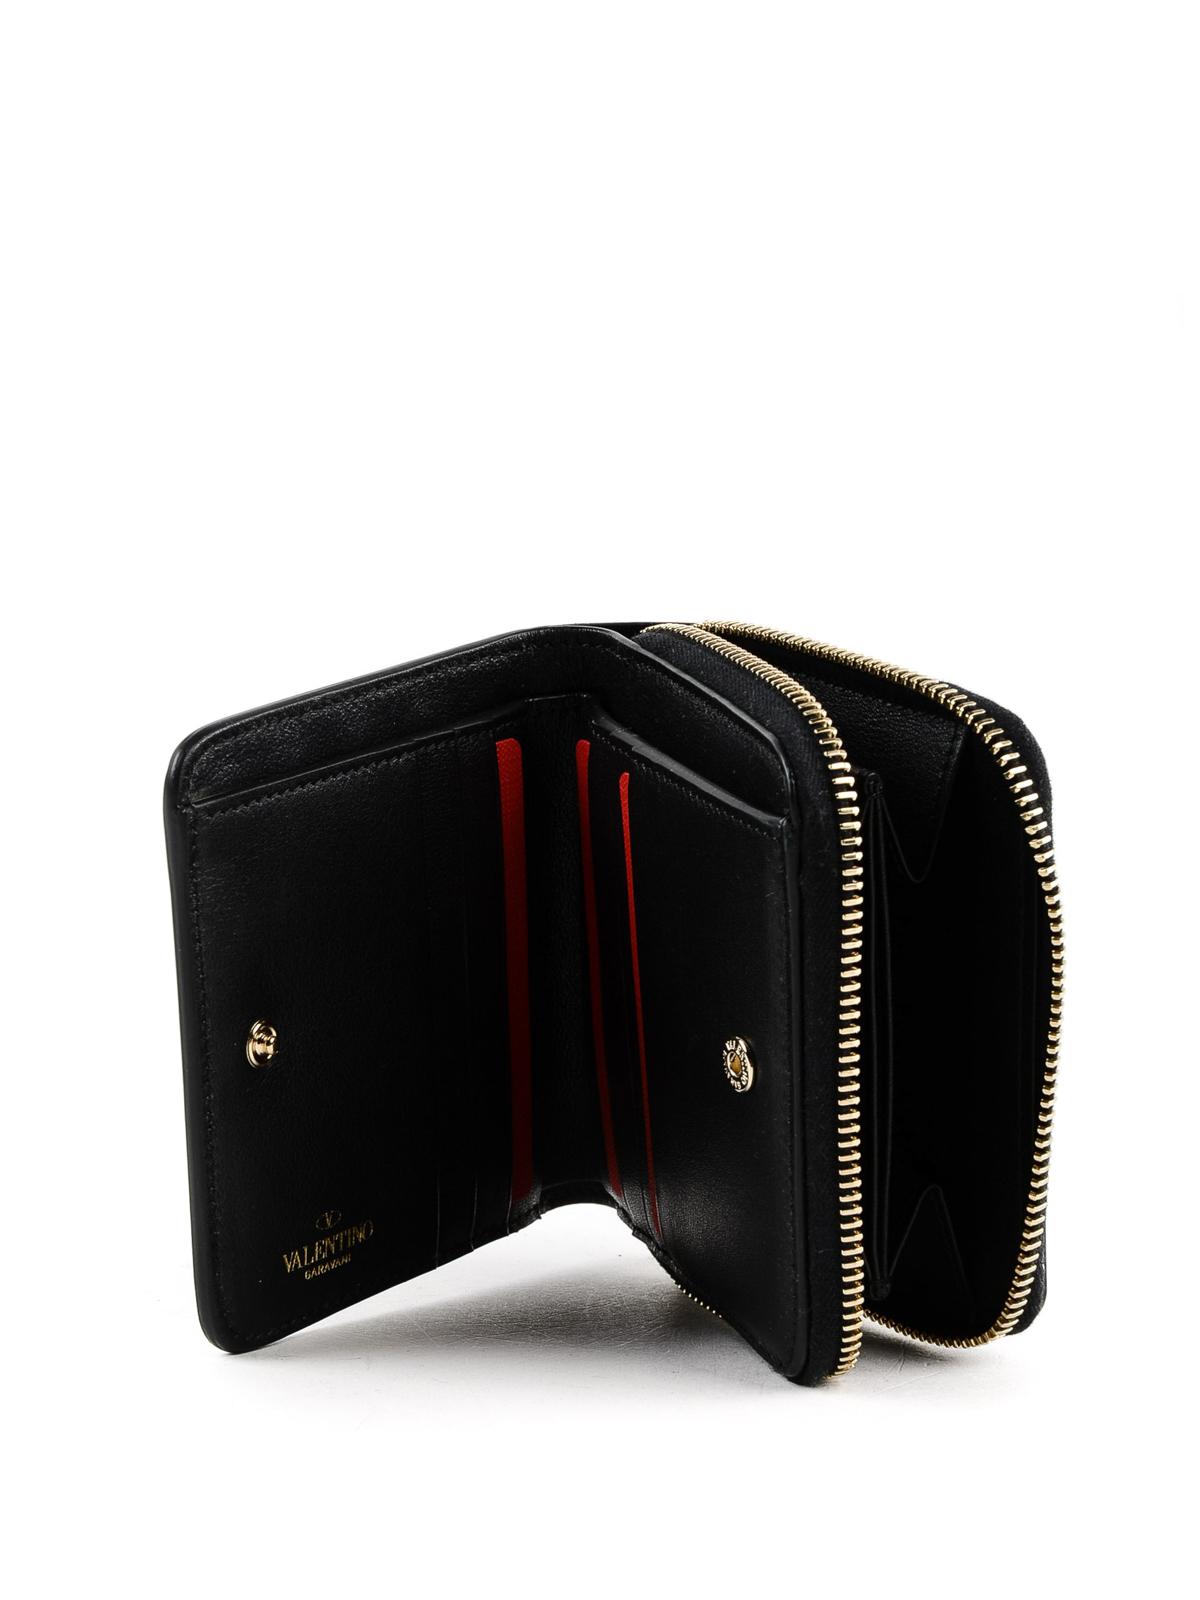 6d422e5803 VALENTINO GARAVANI buy online Piccolo portafoglio squadrato Rockstud nero